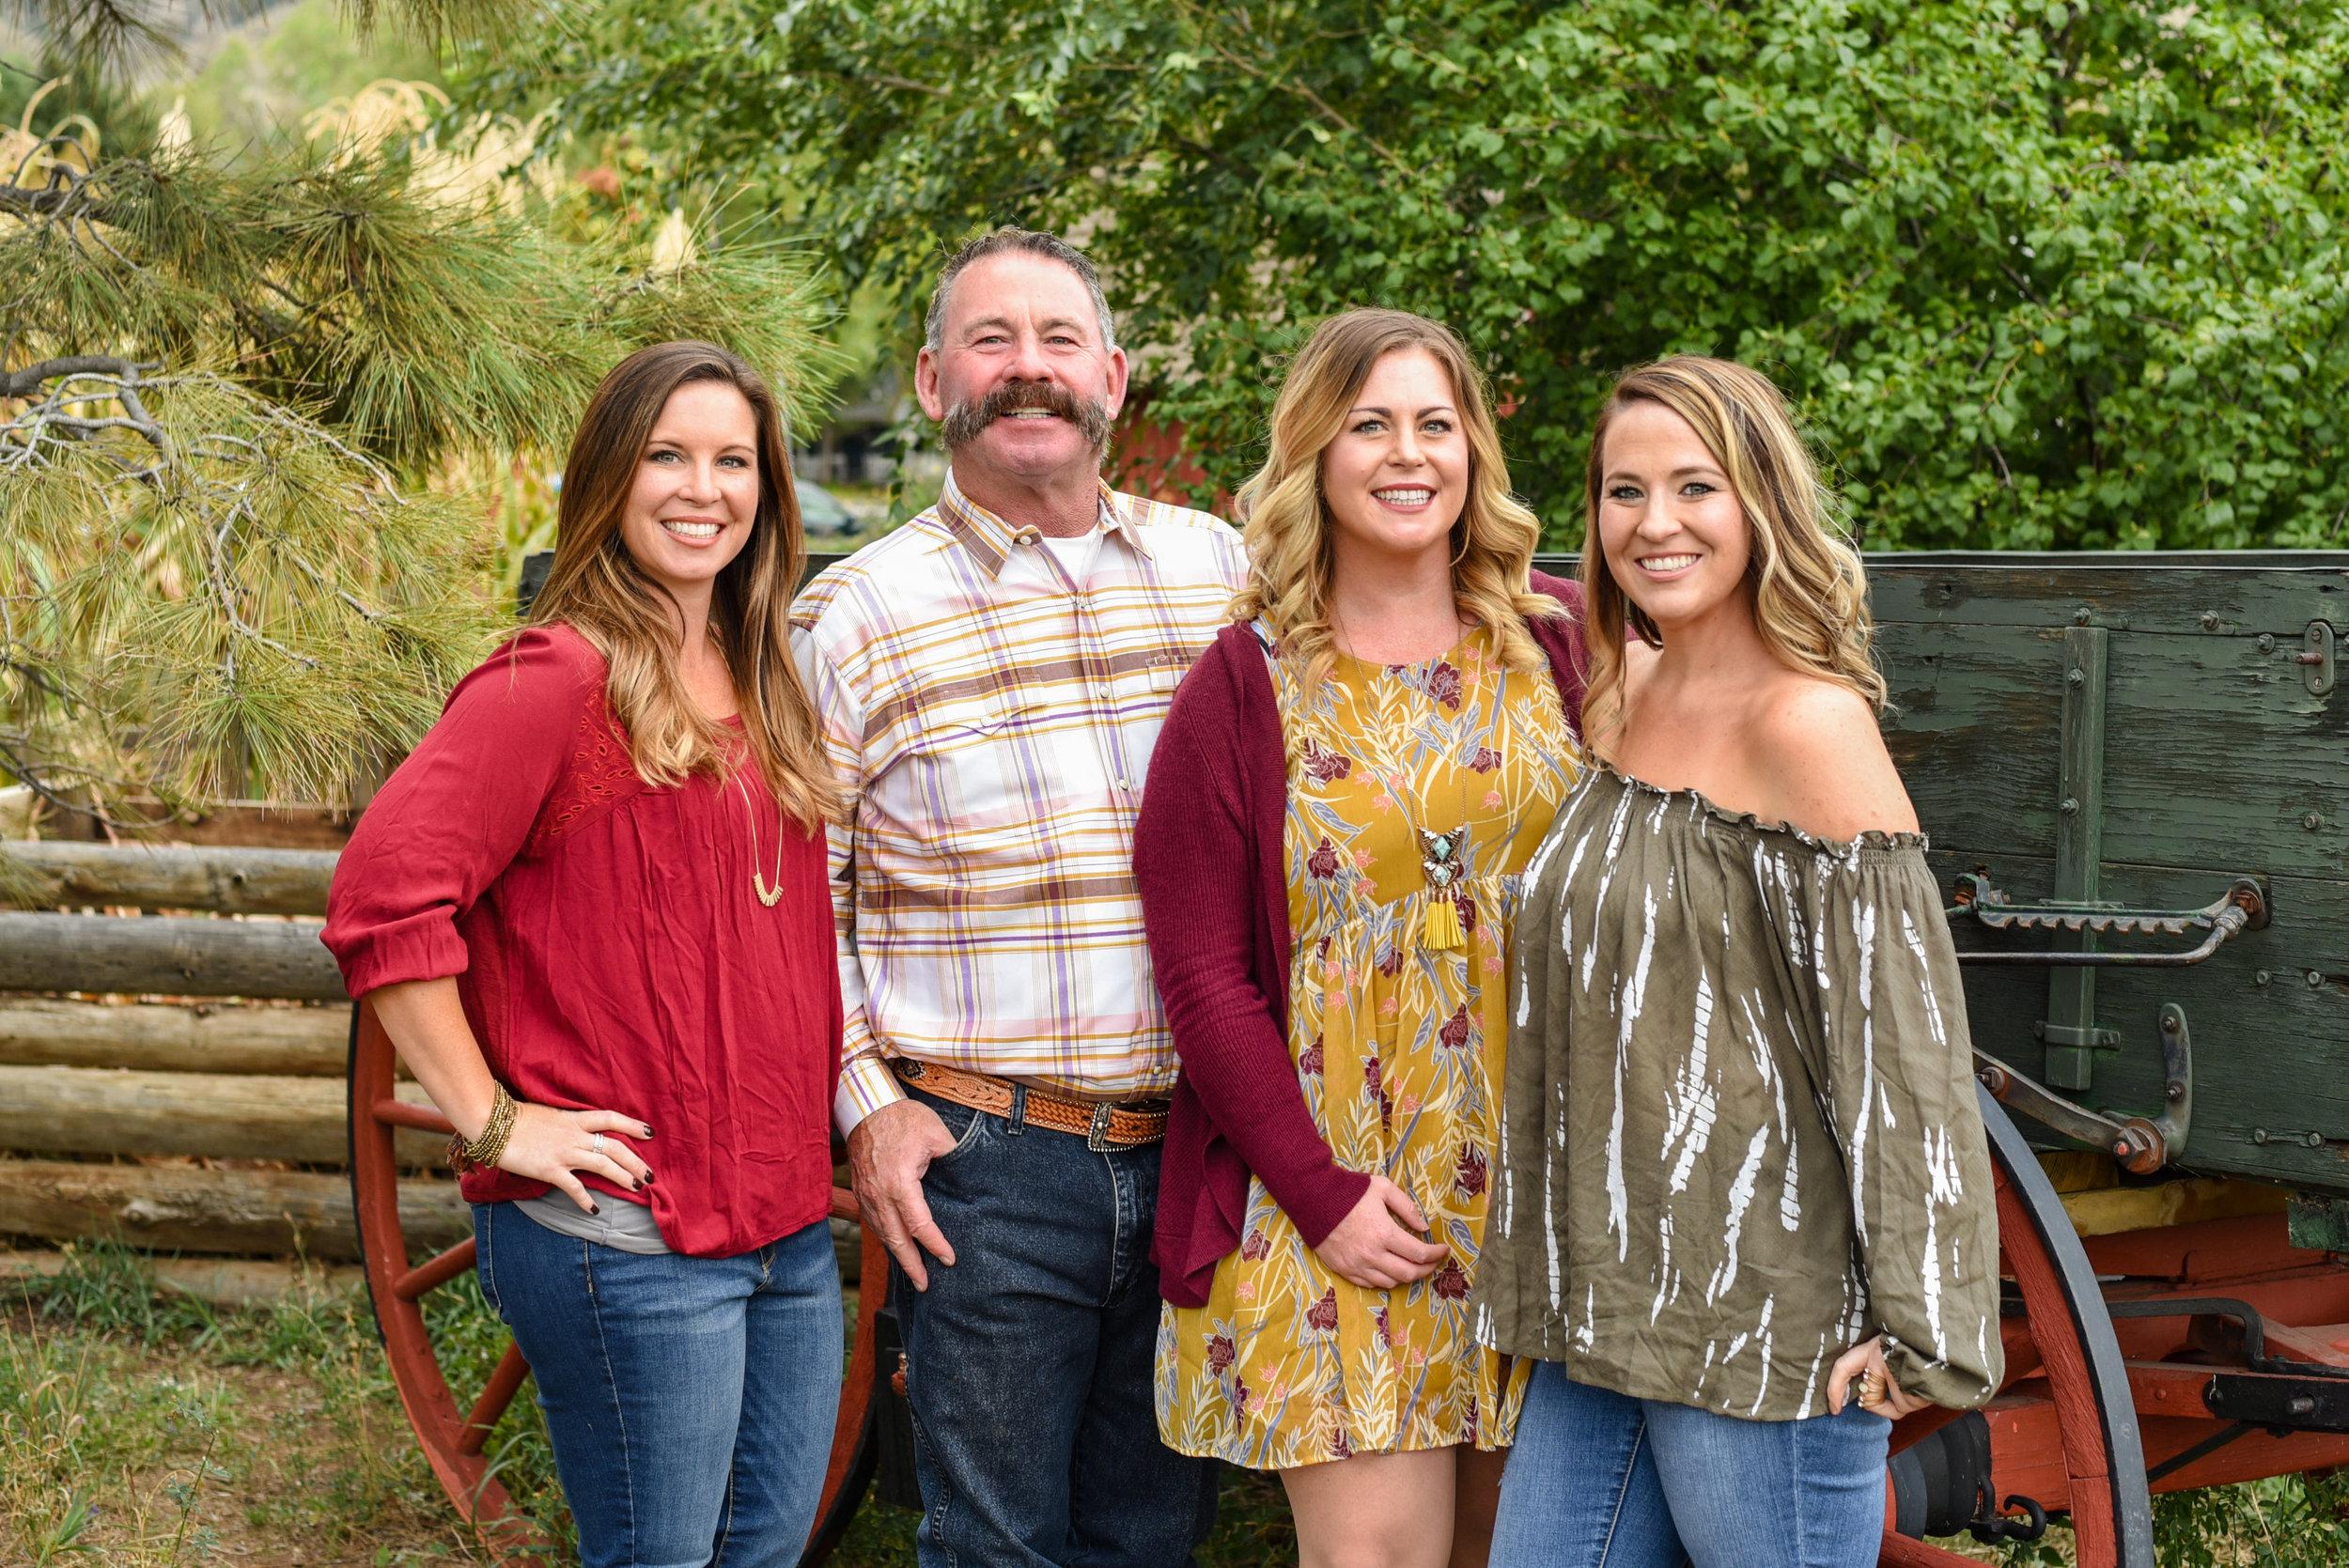 Golden CO Family Portrait Photographer| Kristen Rush Photography, www.kristenrushphotography.com | Golden, CO